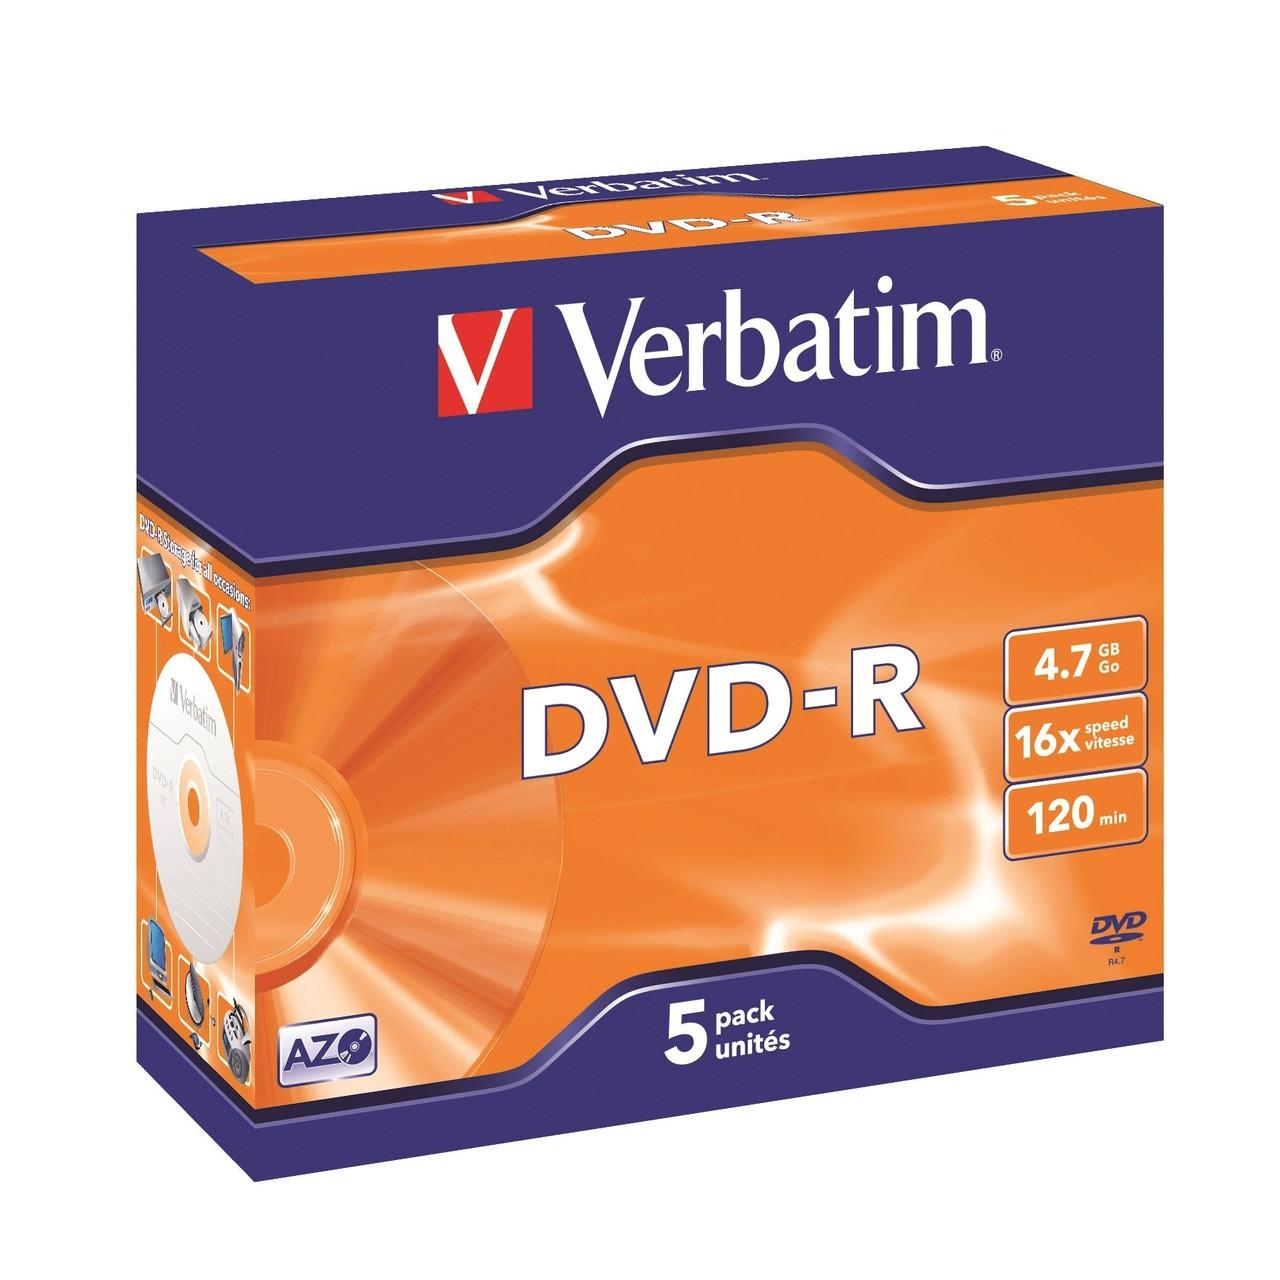 Verbatim DVD-R - 4.7GB Jewel Case 16x (8 Pack of 5 Pieces)